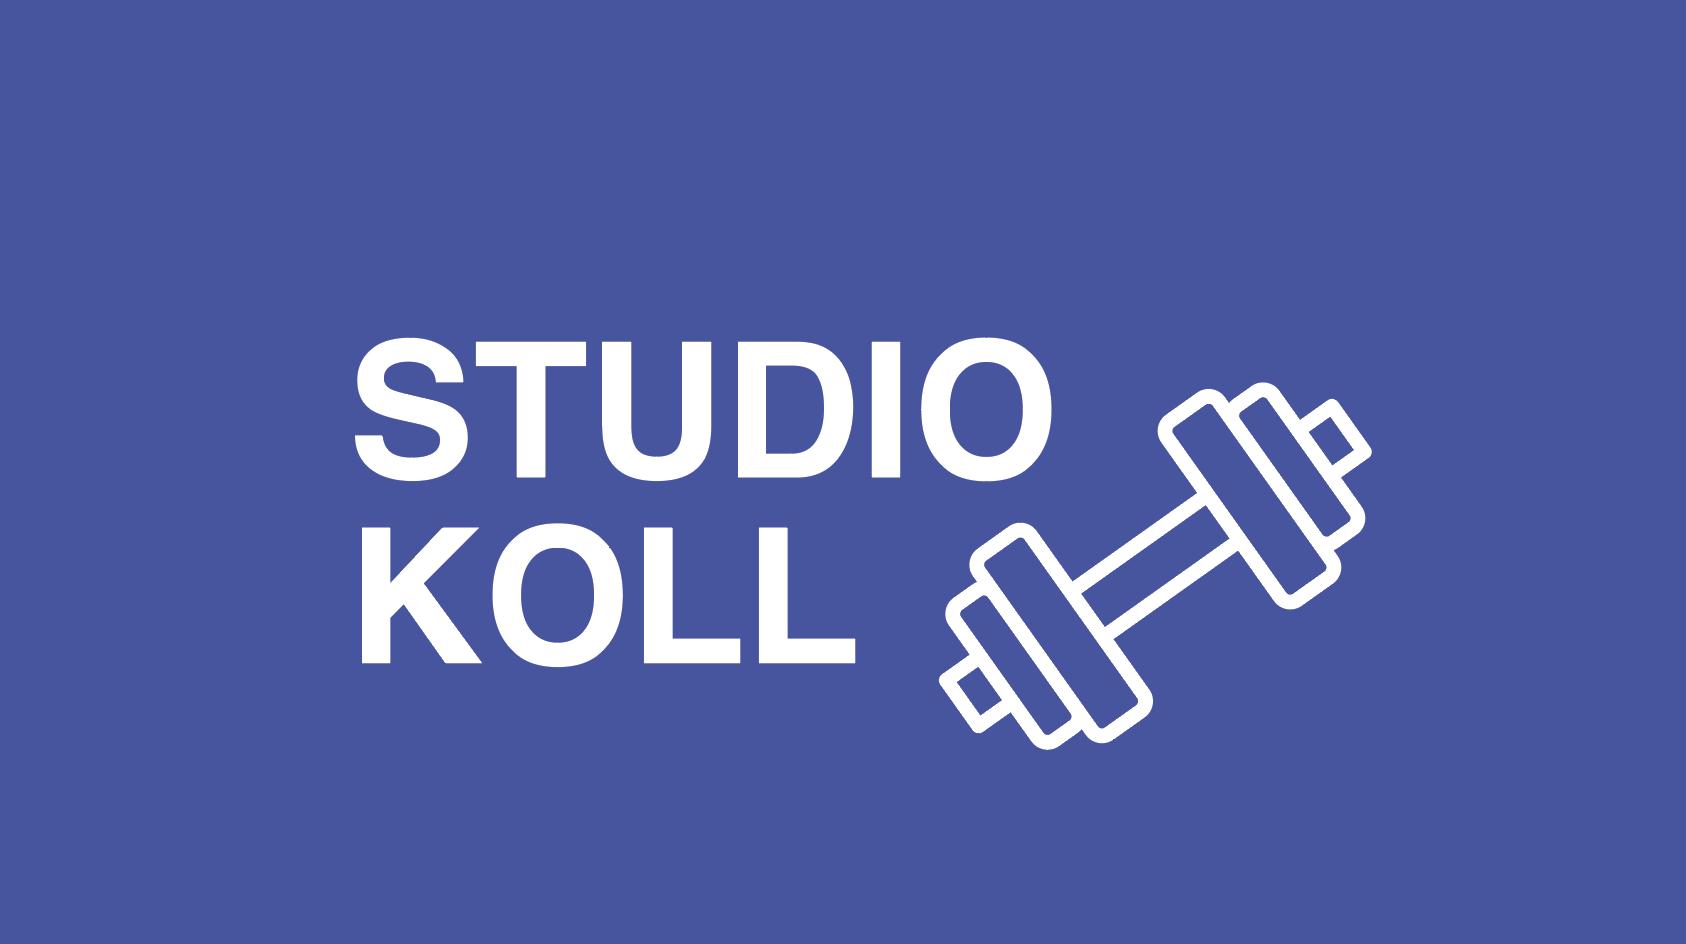 Skjermbilde 2019-11-01 kl. 13.39.05.png